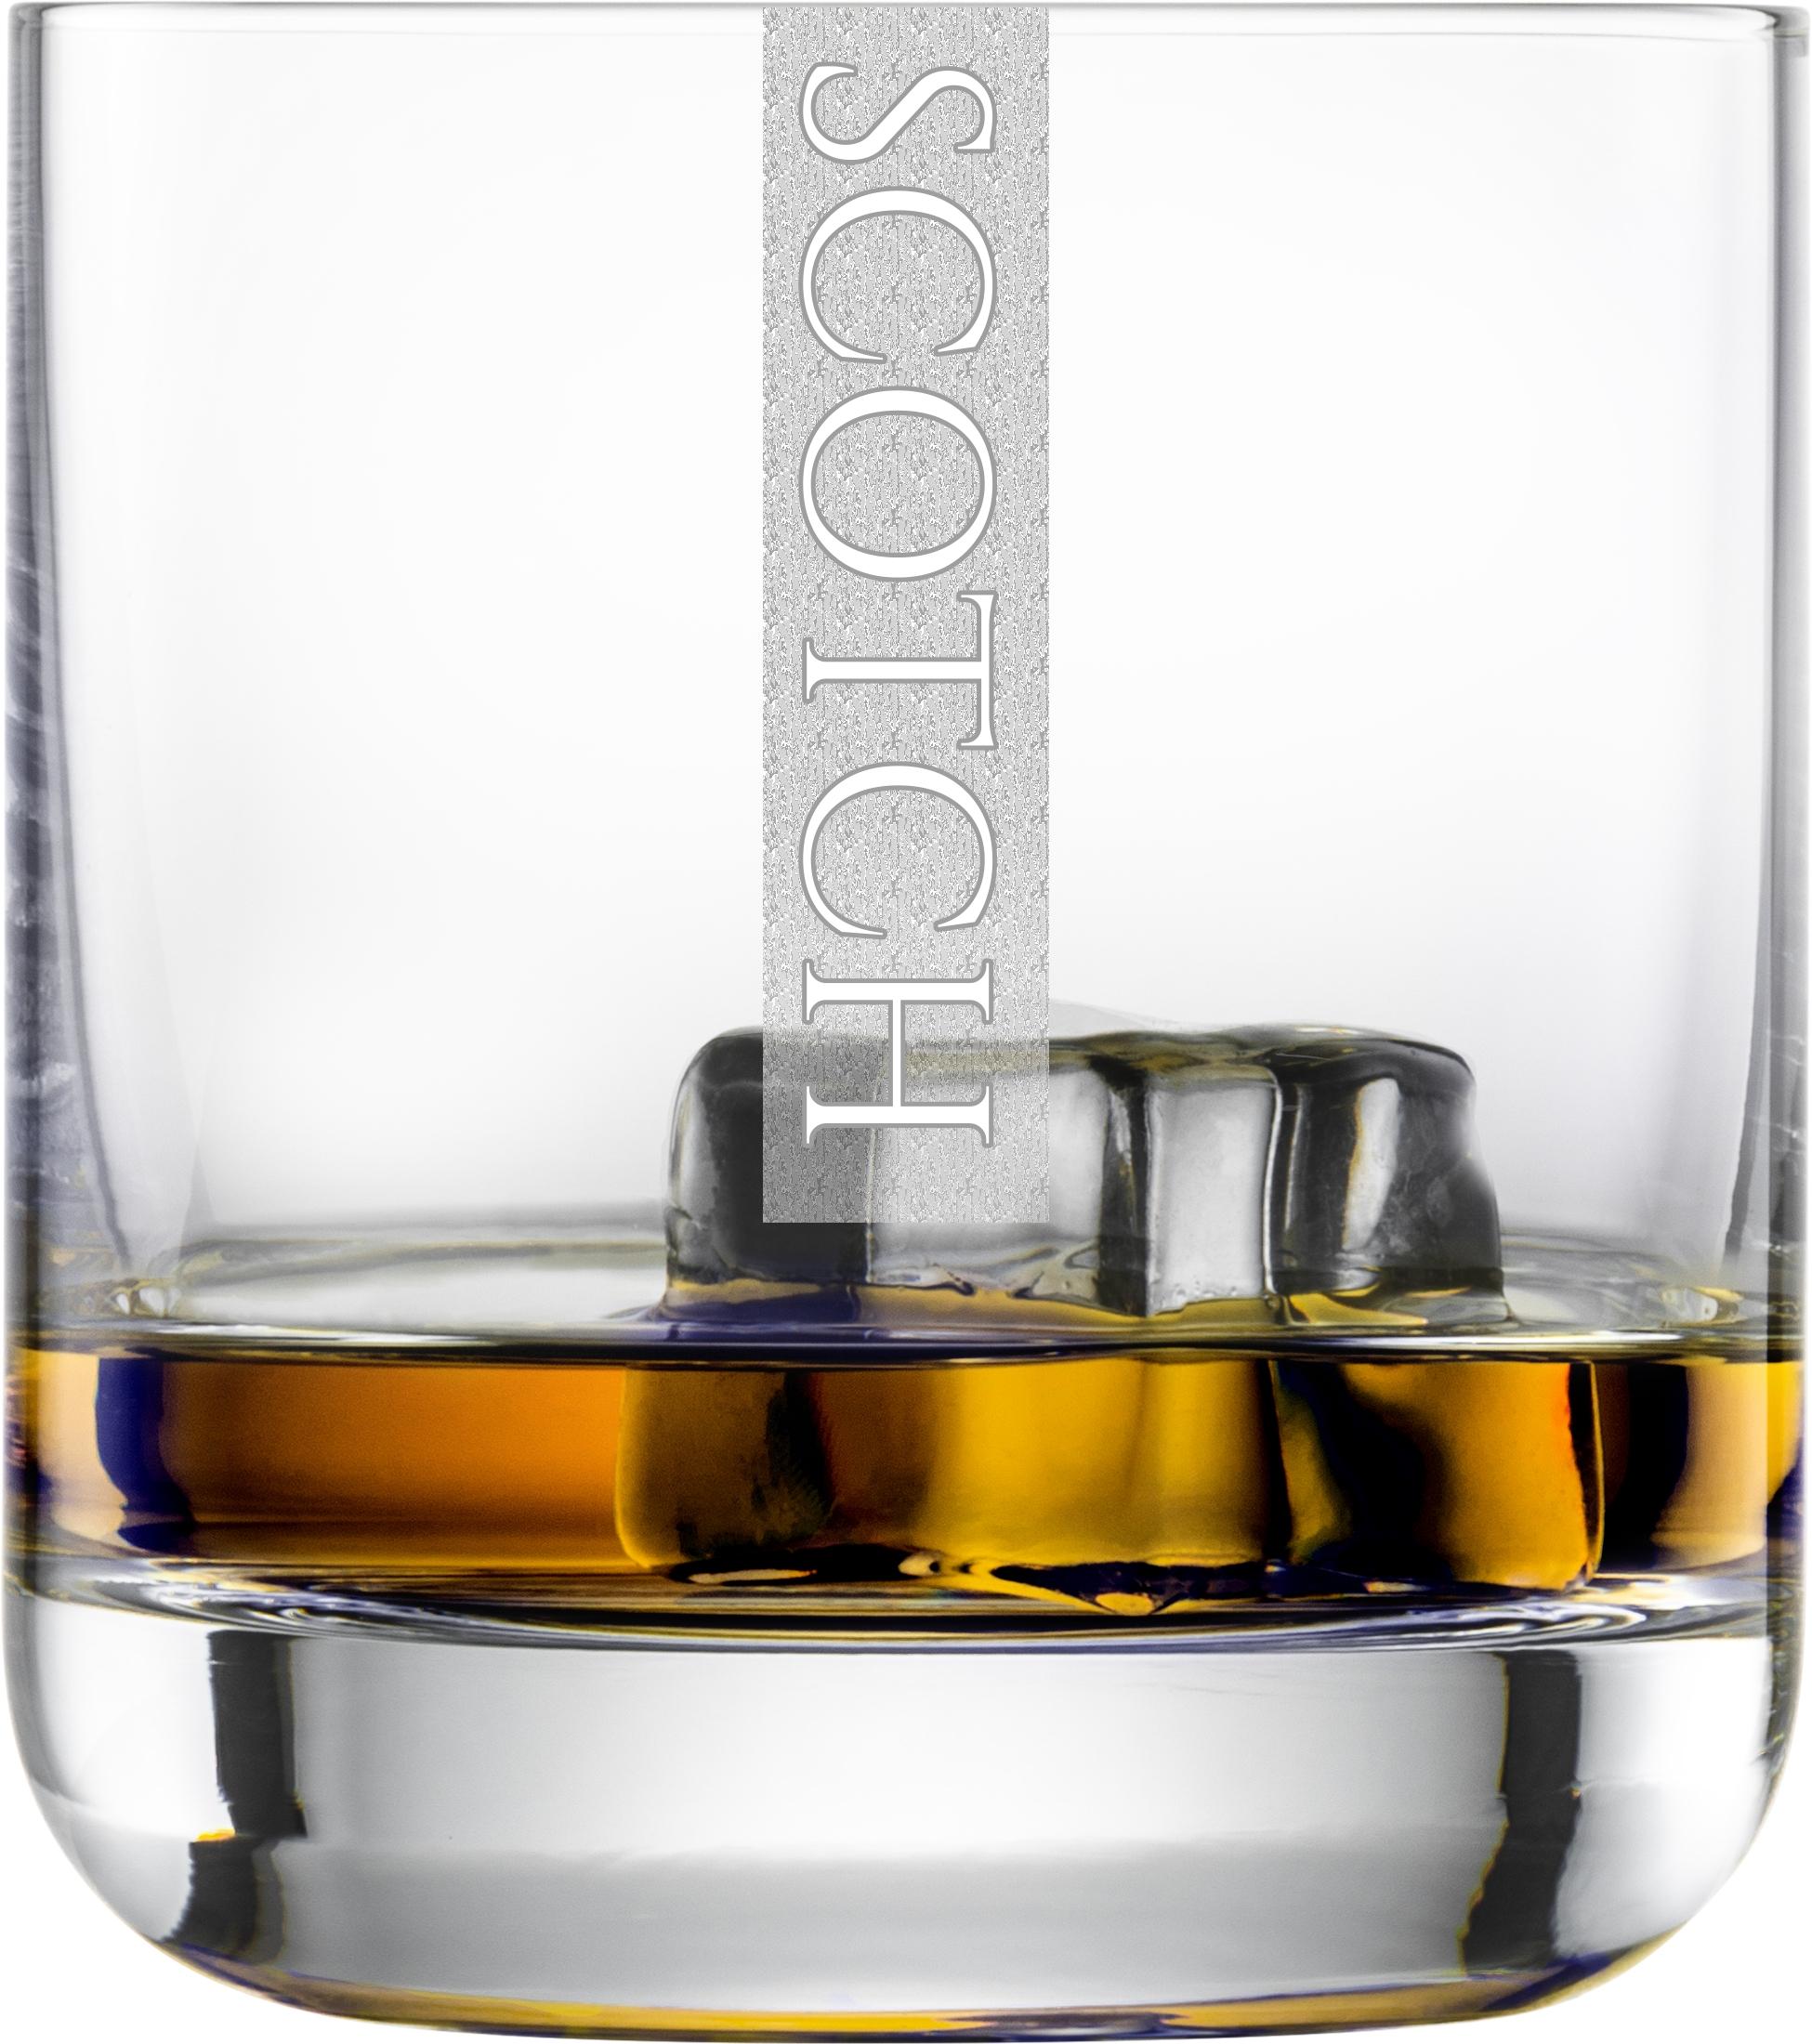 SCOTCH Gläser | 6 Stück 300ml Schott Tumblerglas | CoolGlas